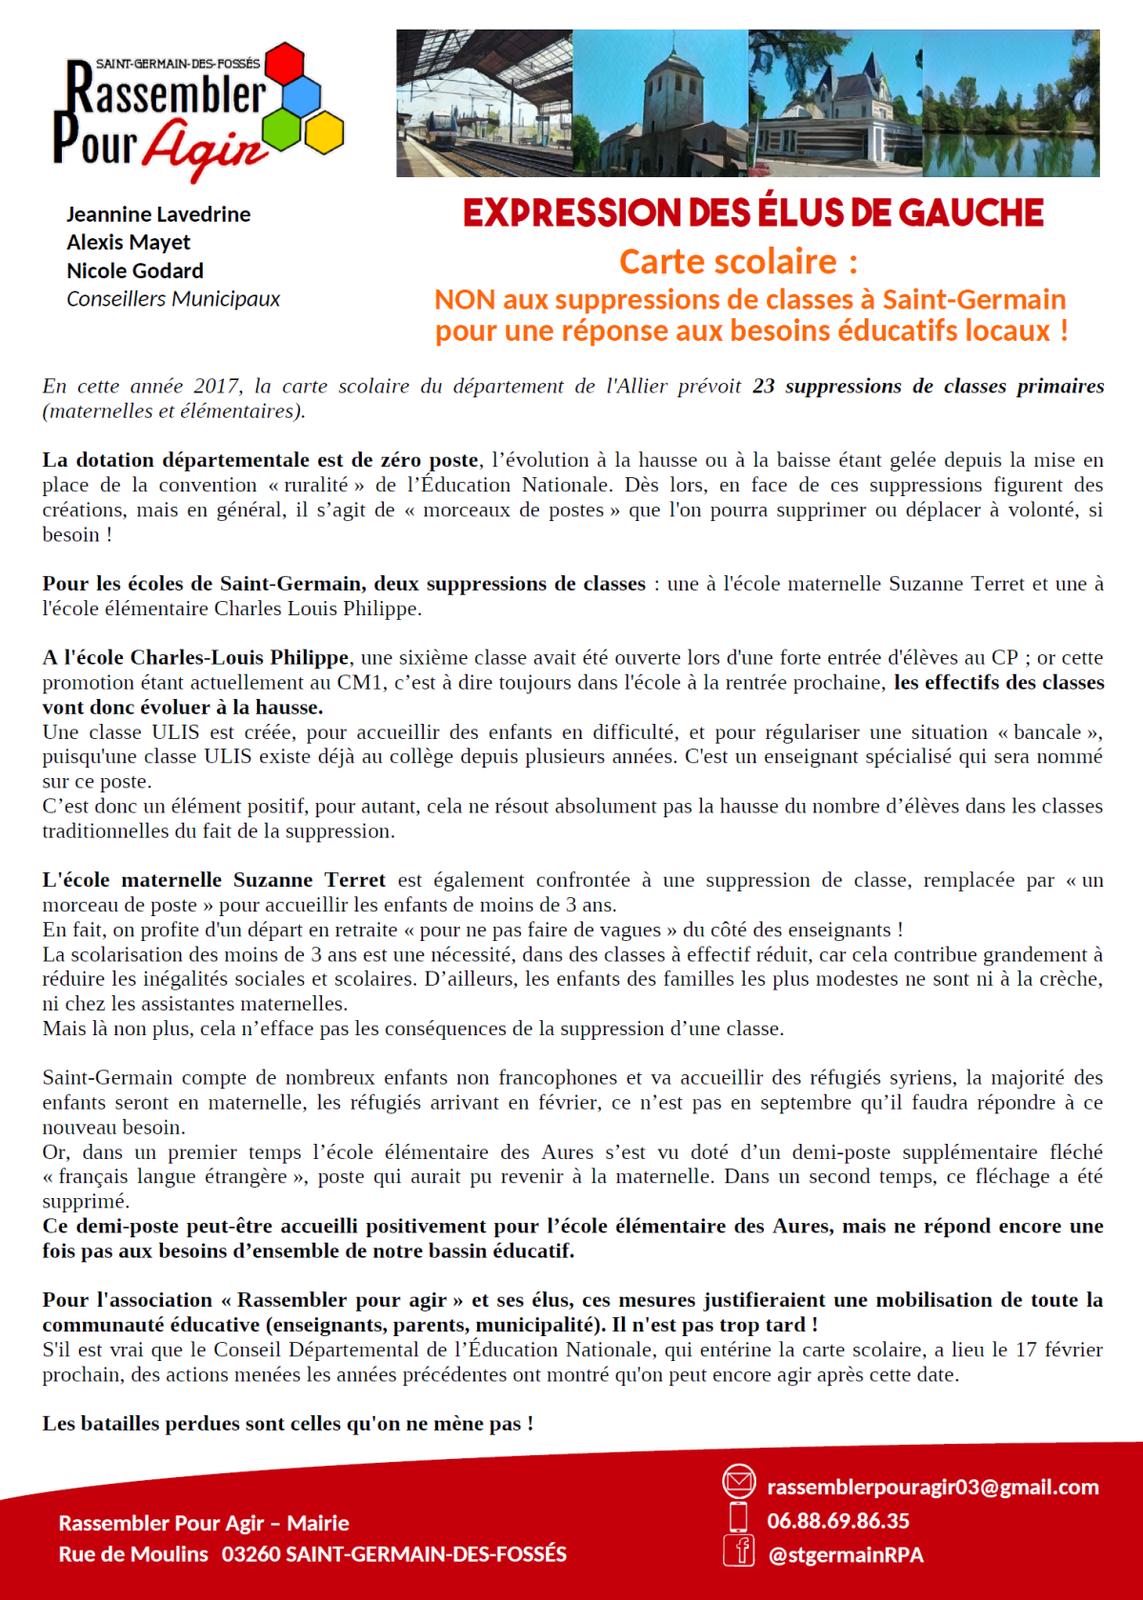 suppressions de 23 classes dans l'Allier : les premières réactions